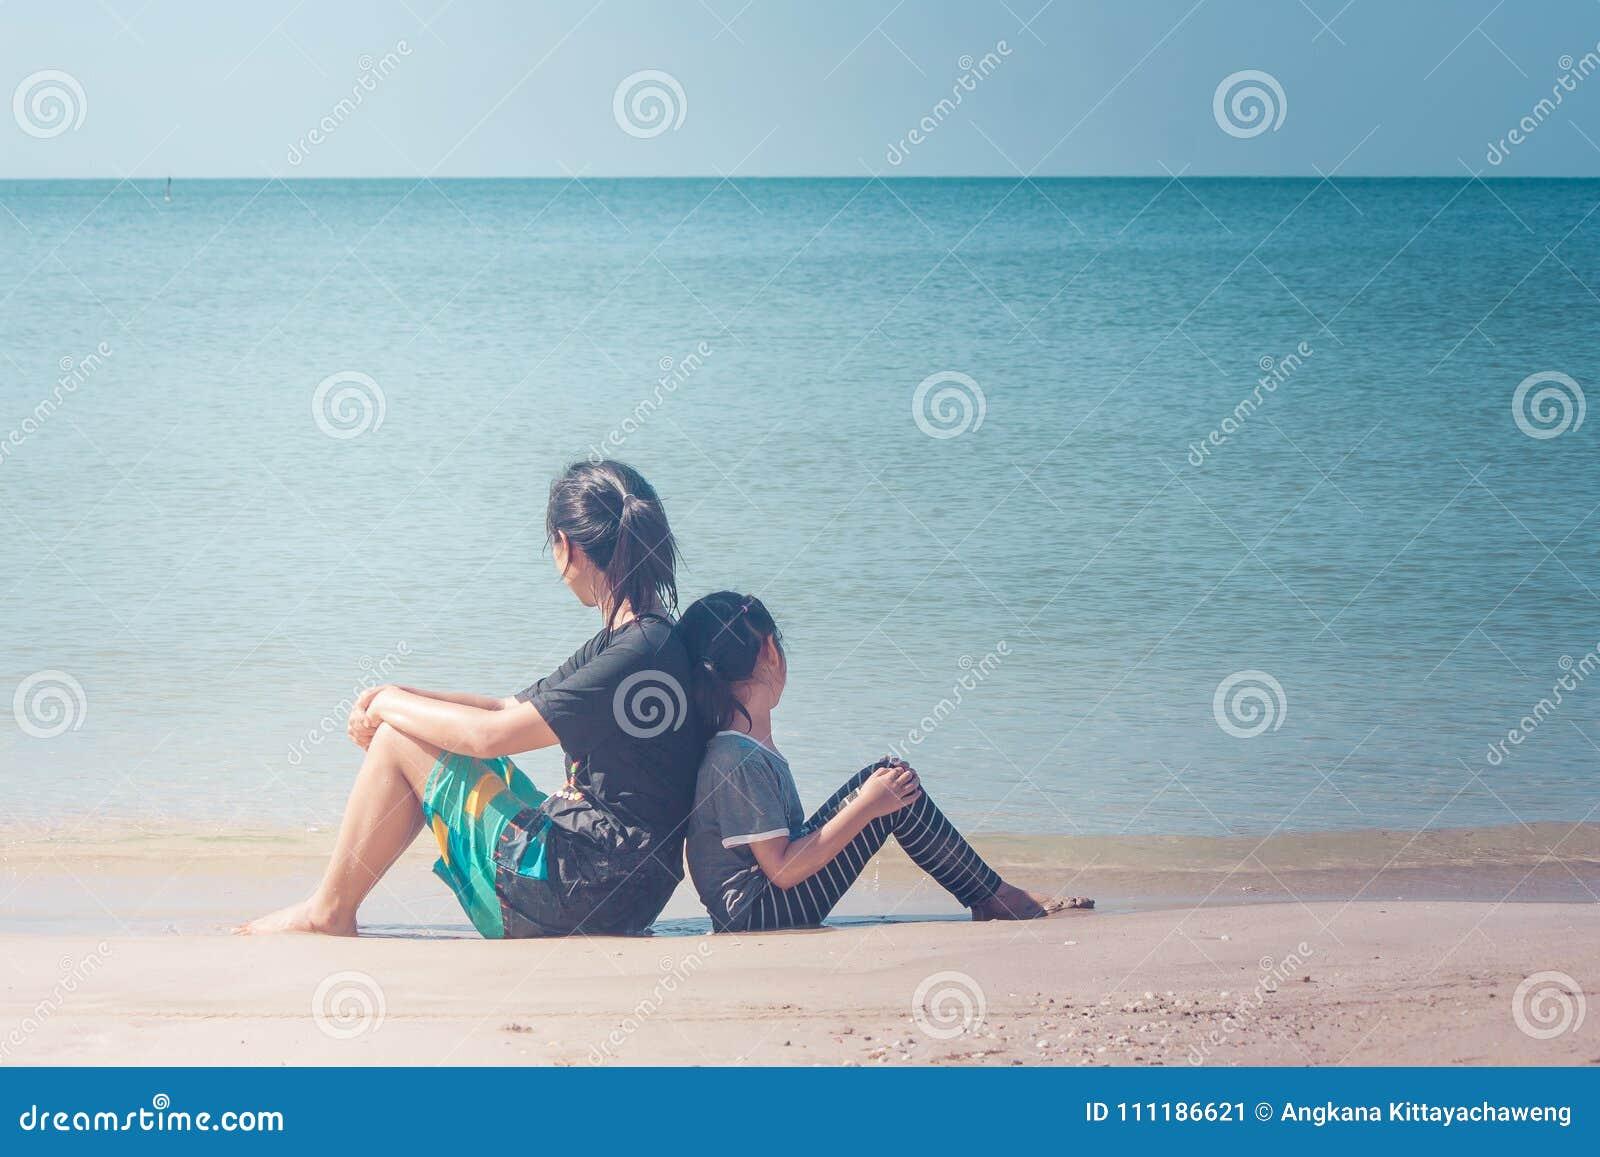 Sommarsemester och feriebegrepp: Den lyckliga familjdagsutflykten på havet, kvinnan och barnet som tillbaka sitter för att dra ti